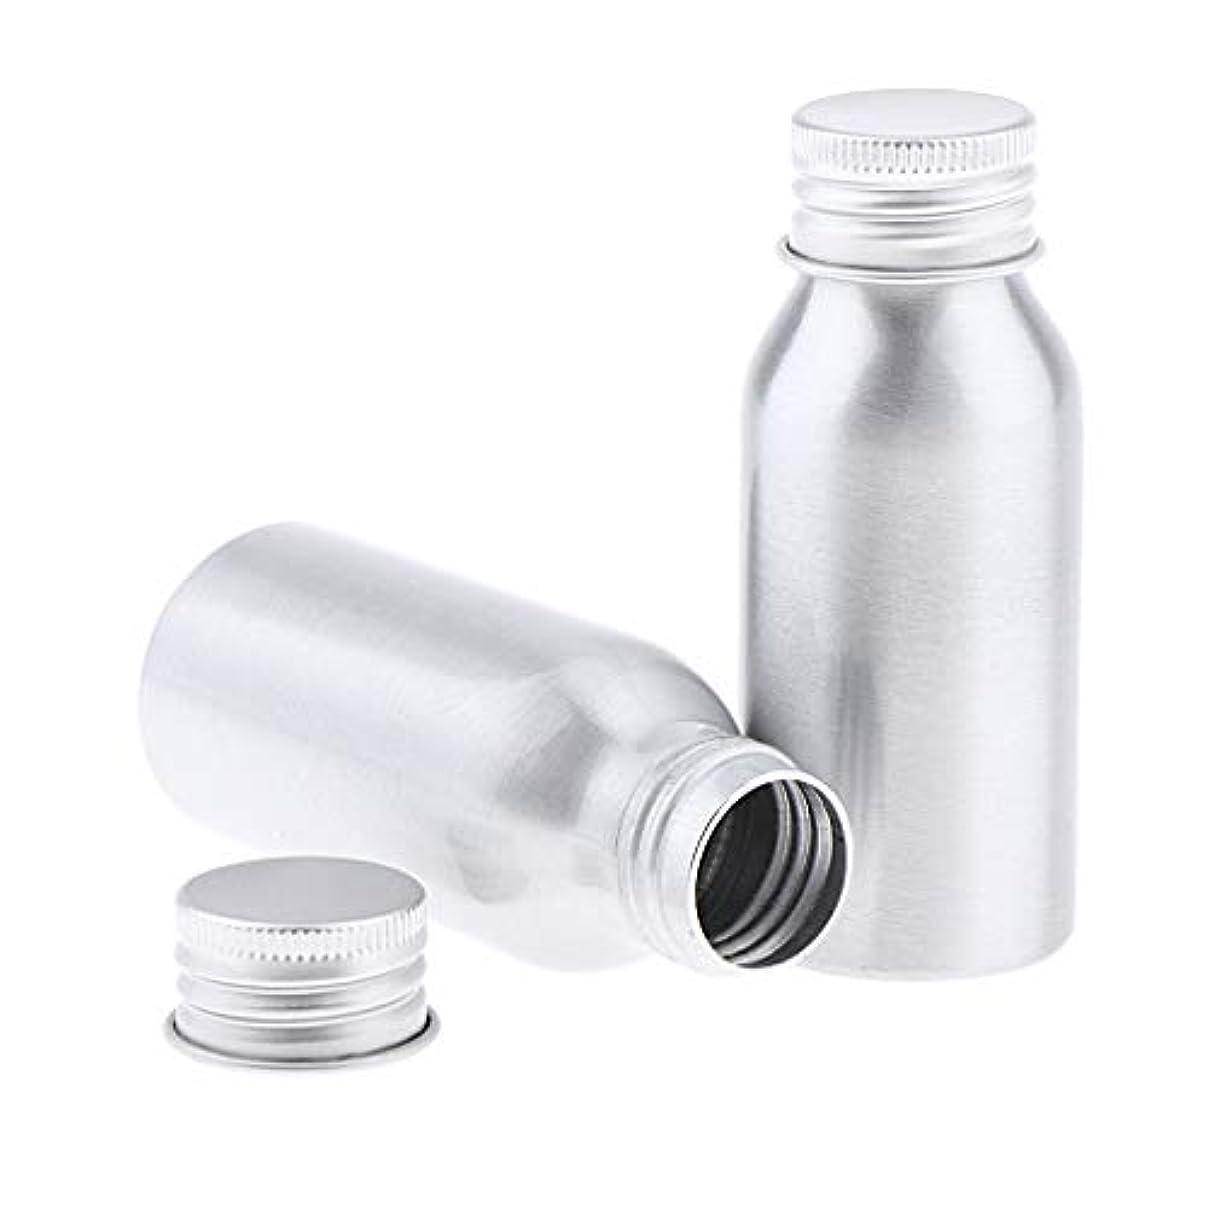 地味なよろしくキルト2本 アルミボトル シルバー 空ボトル 化粧品収納容器 ディスペンサーボトル 5サイズ選べ - 50ml